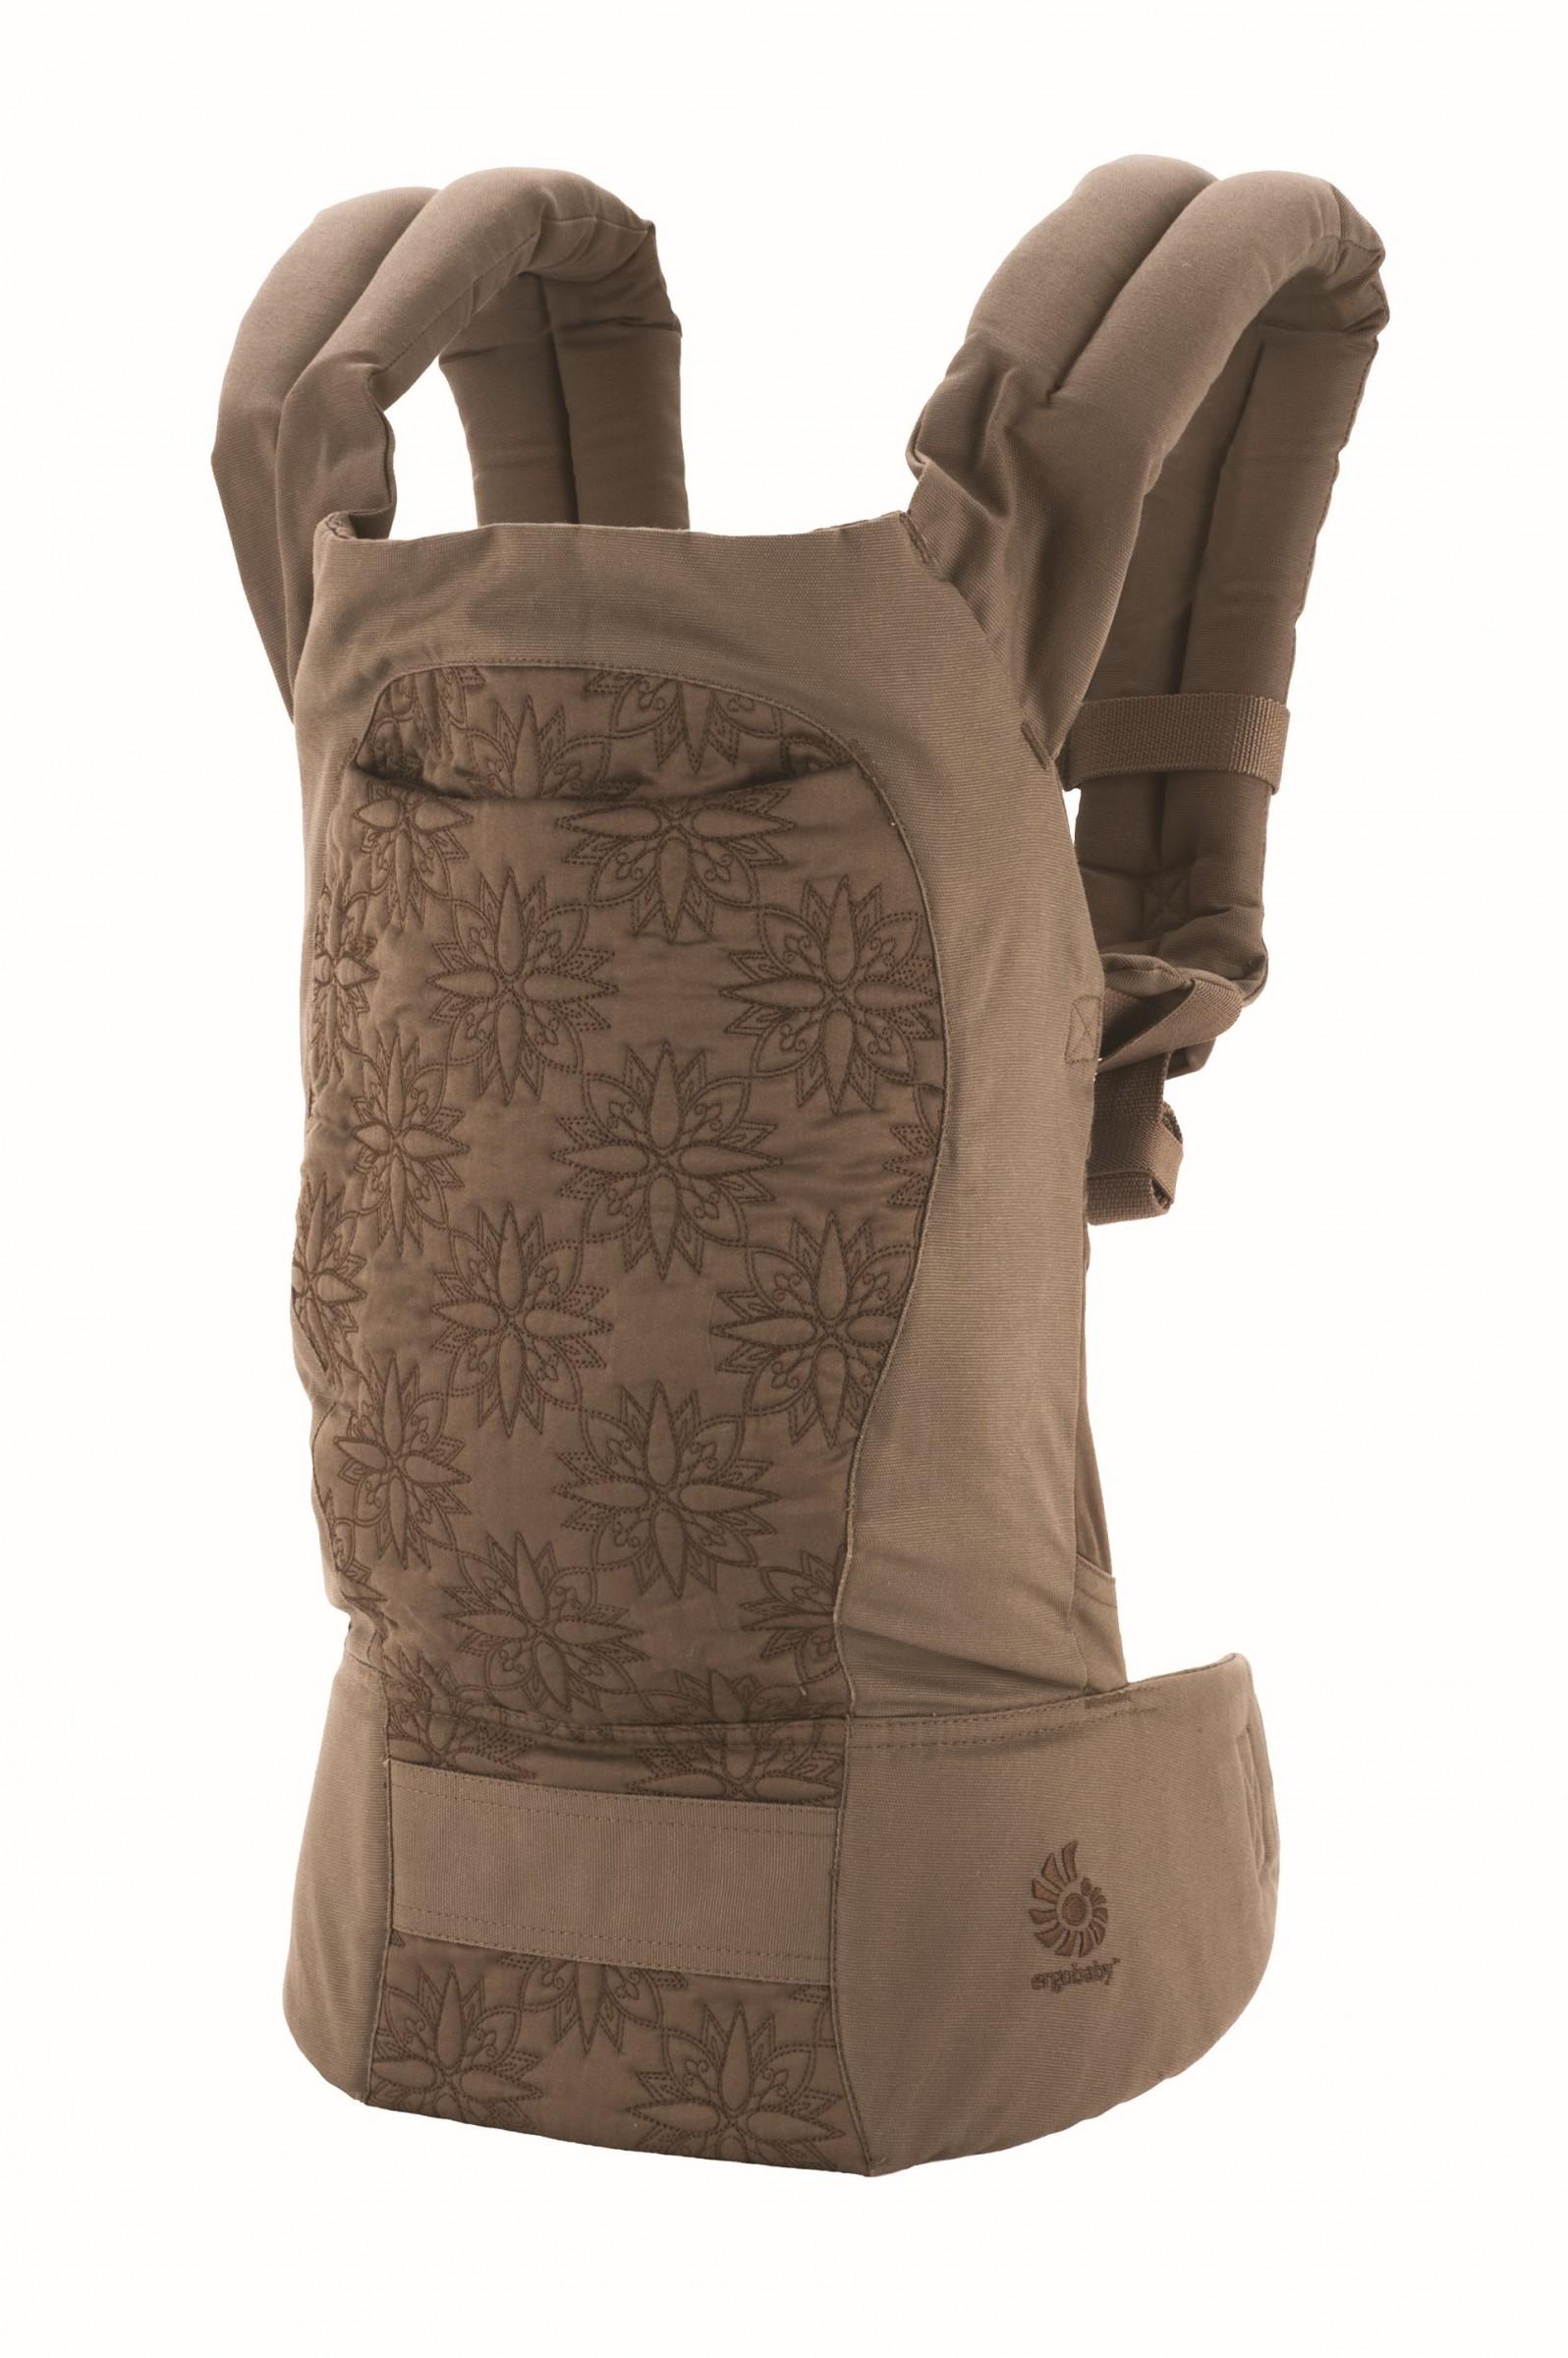 ERGObaby Original Carrier Bauch- und Rückentrage Chai Mandala